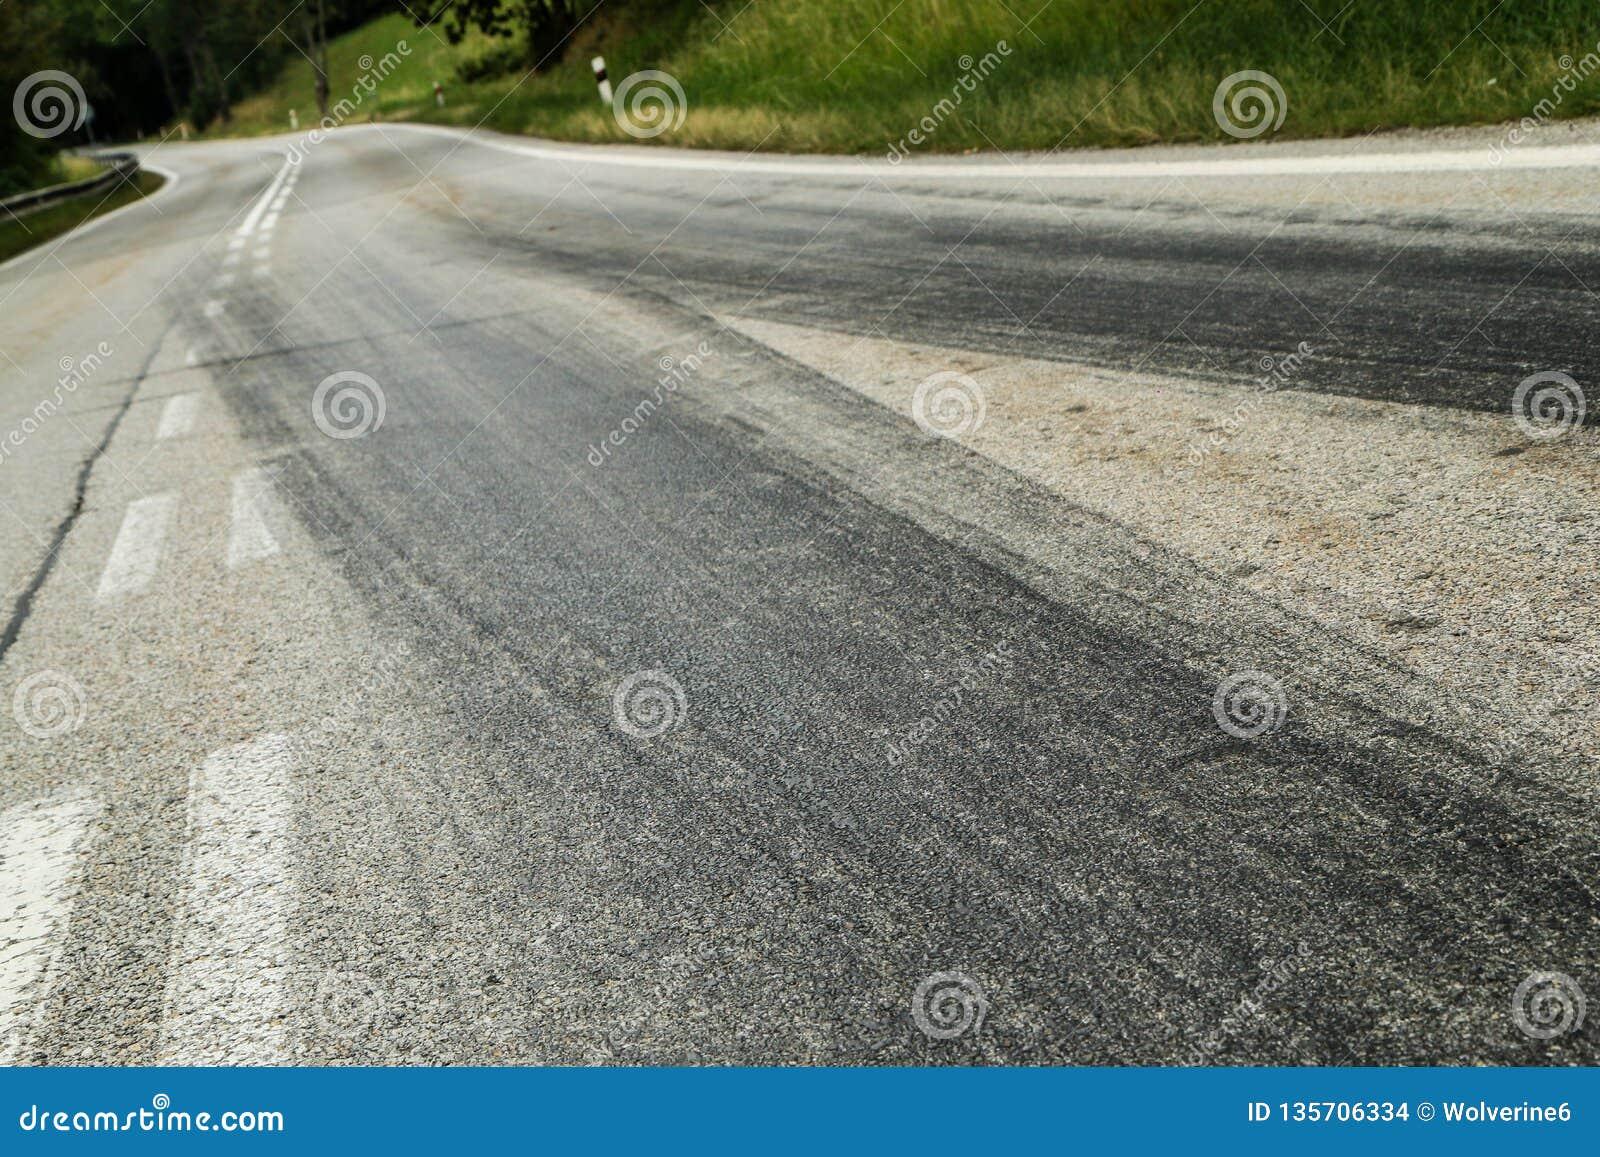 Les voies en caoutchouc des voitures de course